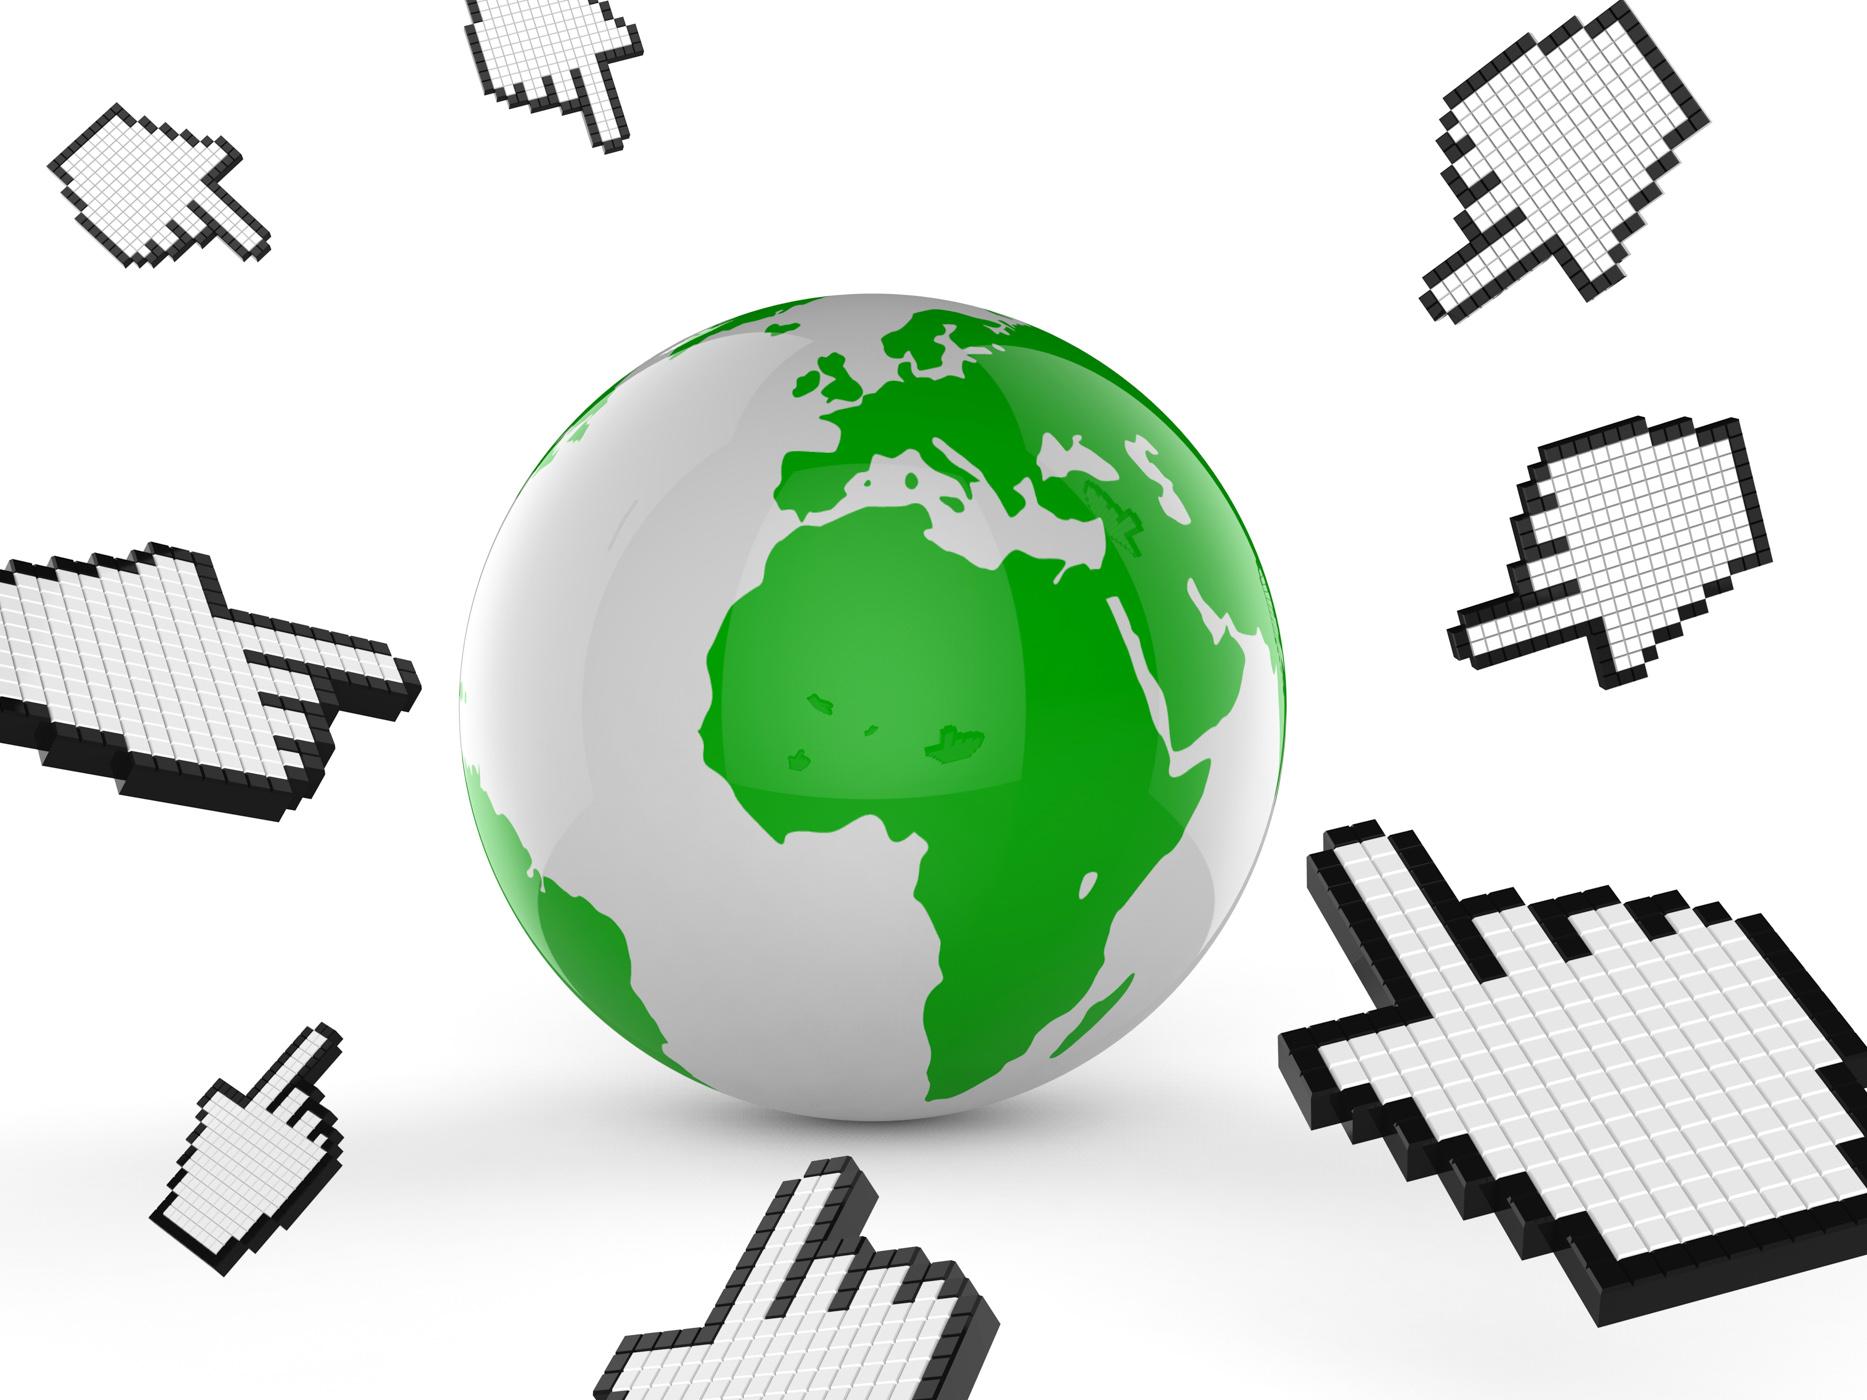 Worldwide internet indicates web site and analyse photo